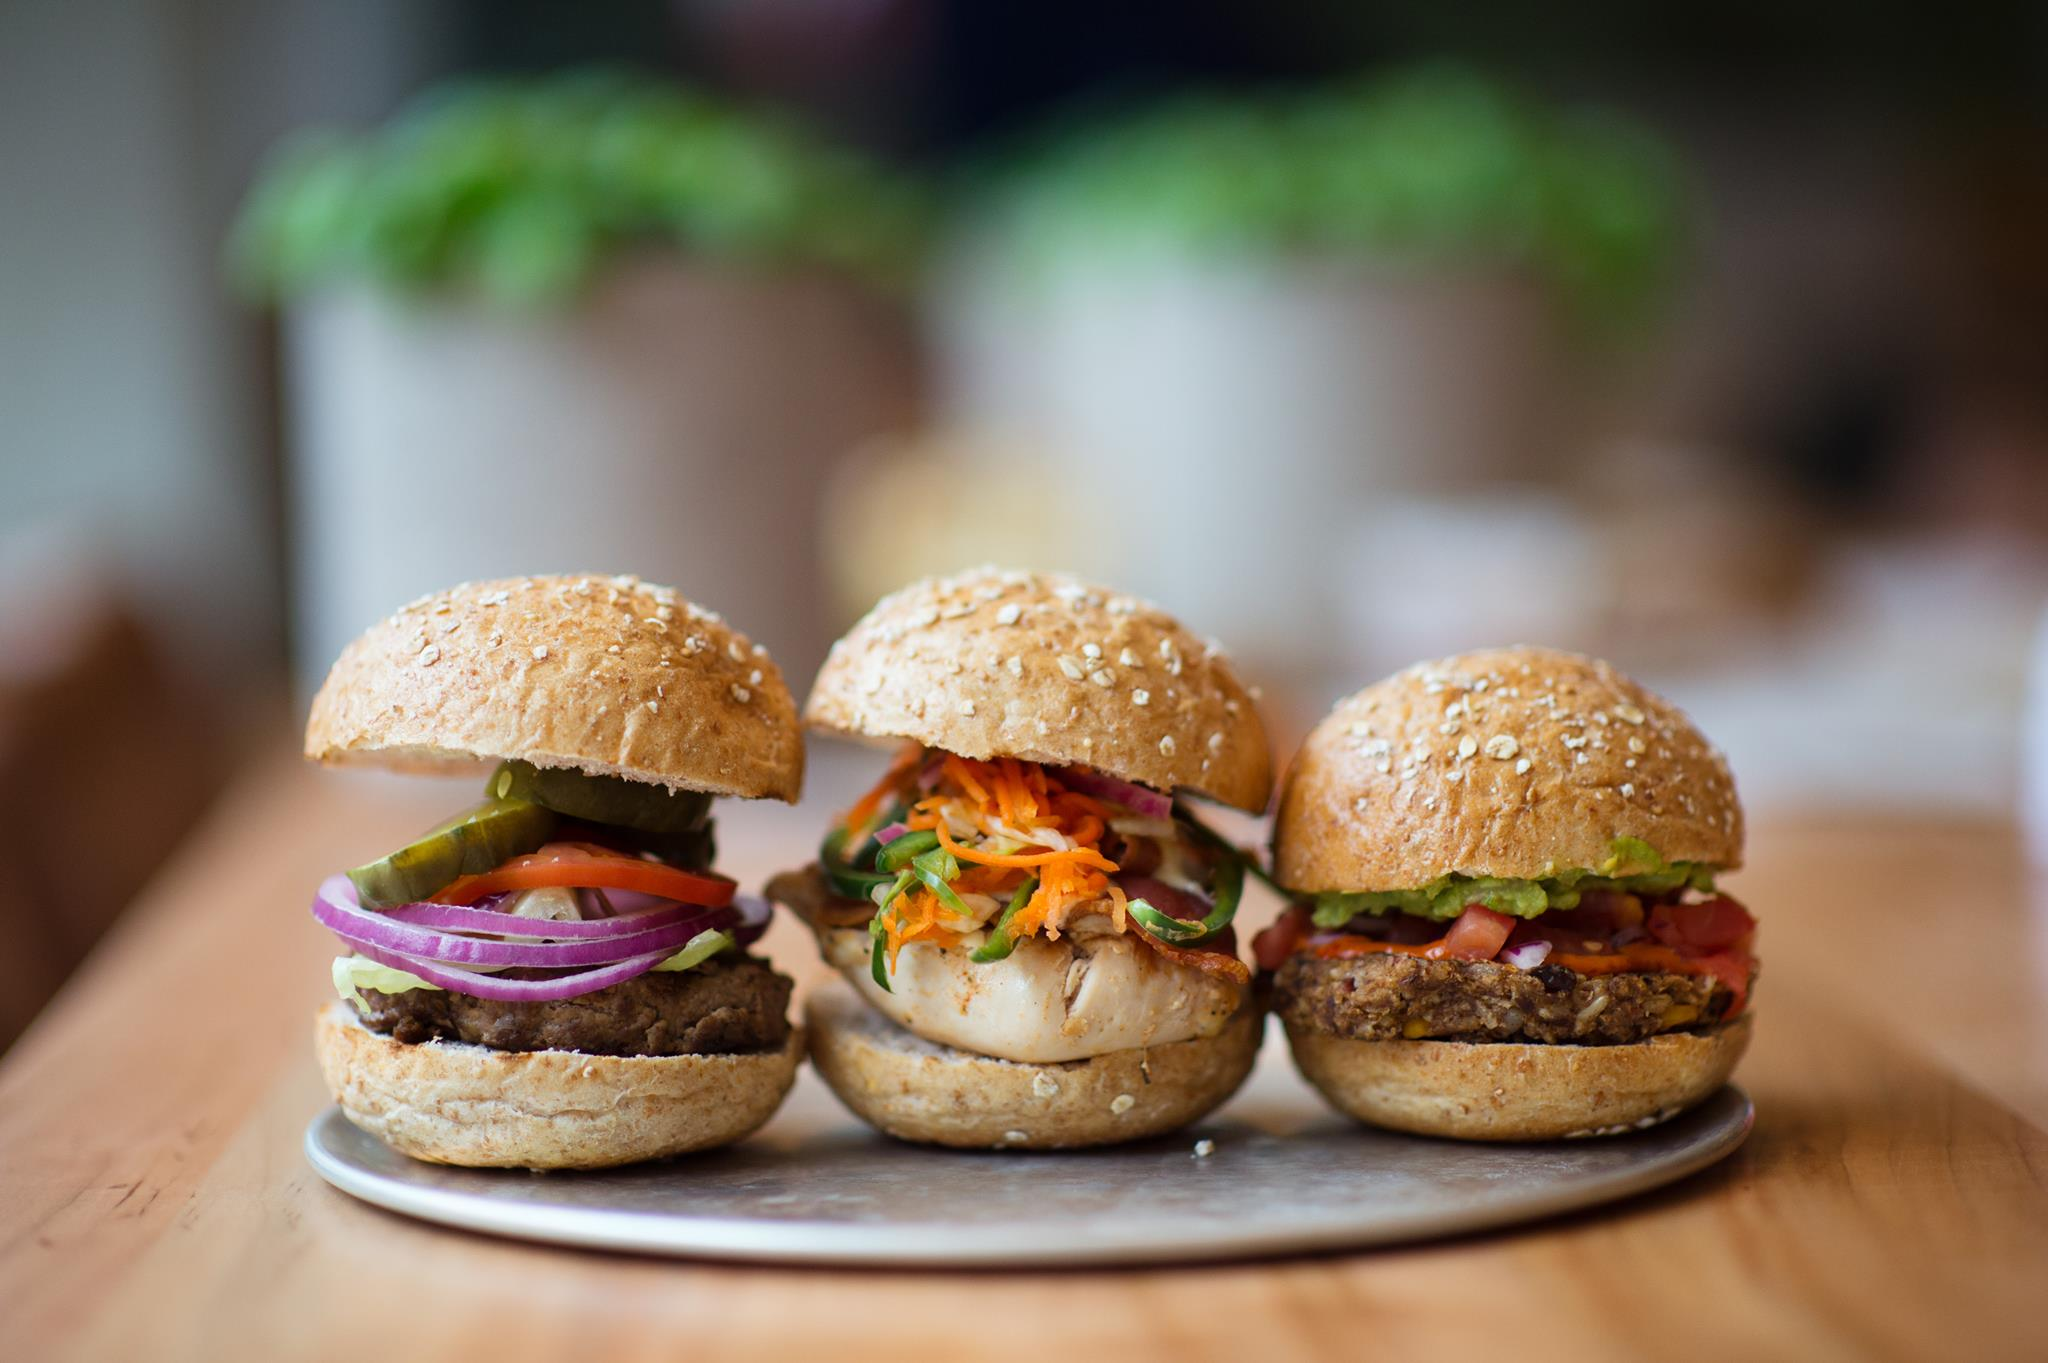 B.Good burger sliders on whole grain bread